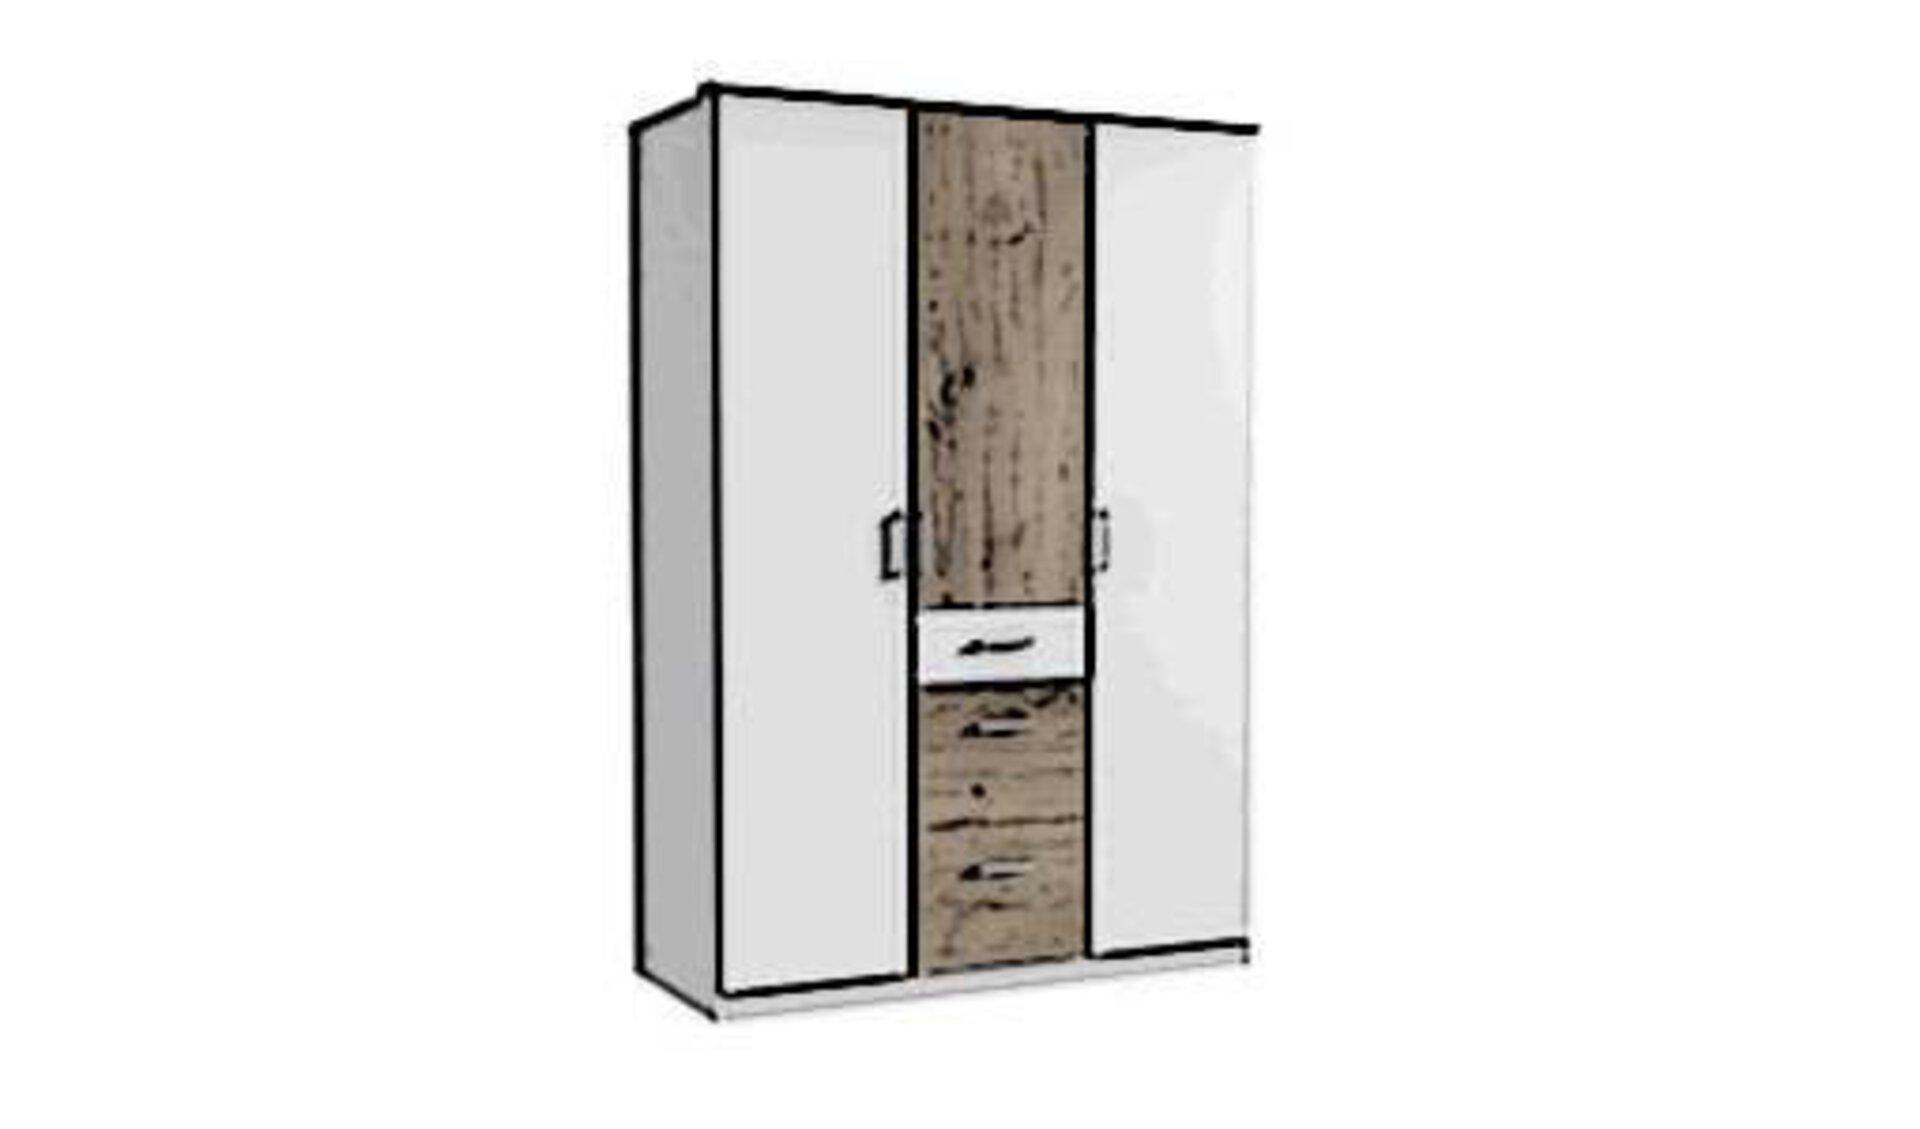 Drehtürenschrank mit Naturholz und weißem Furnier als Front dient als Icon für Drehtürenschränke.